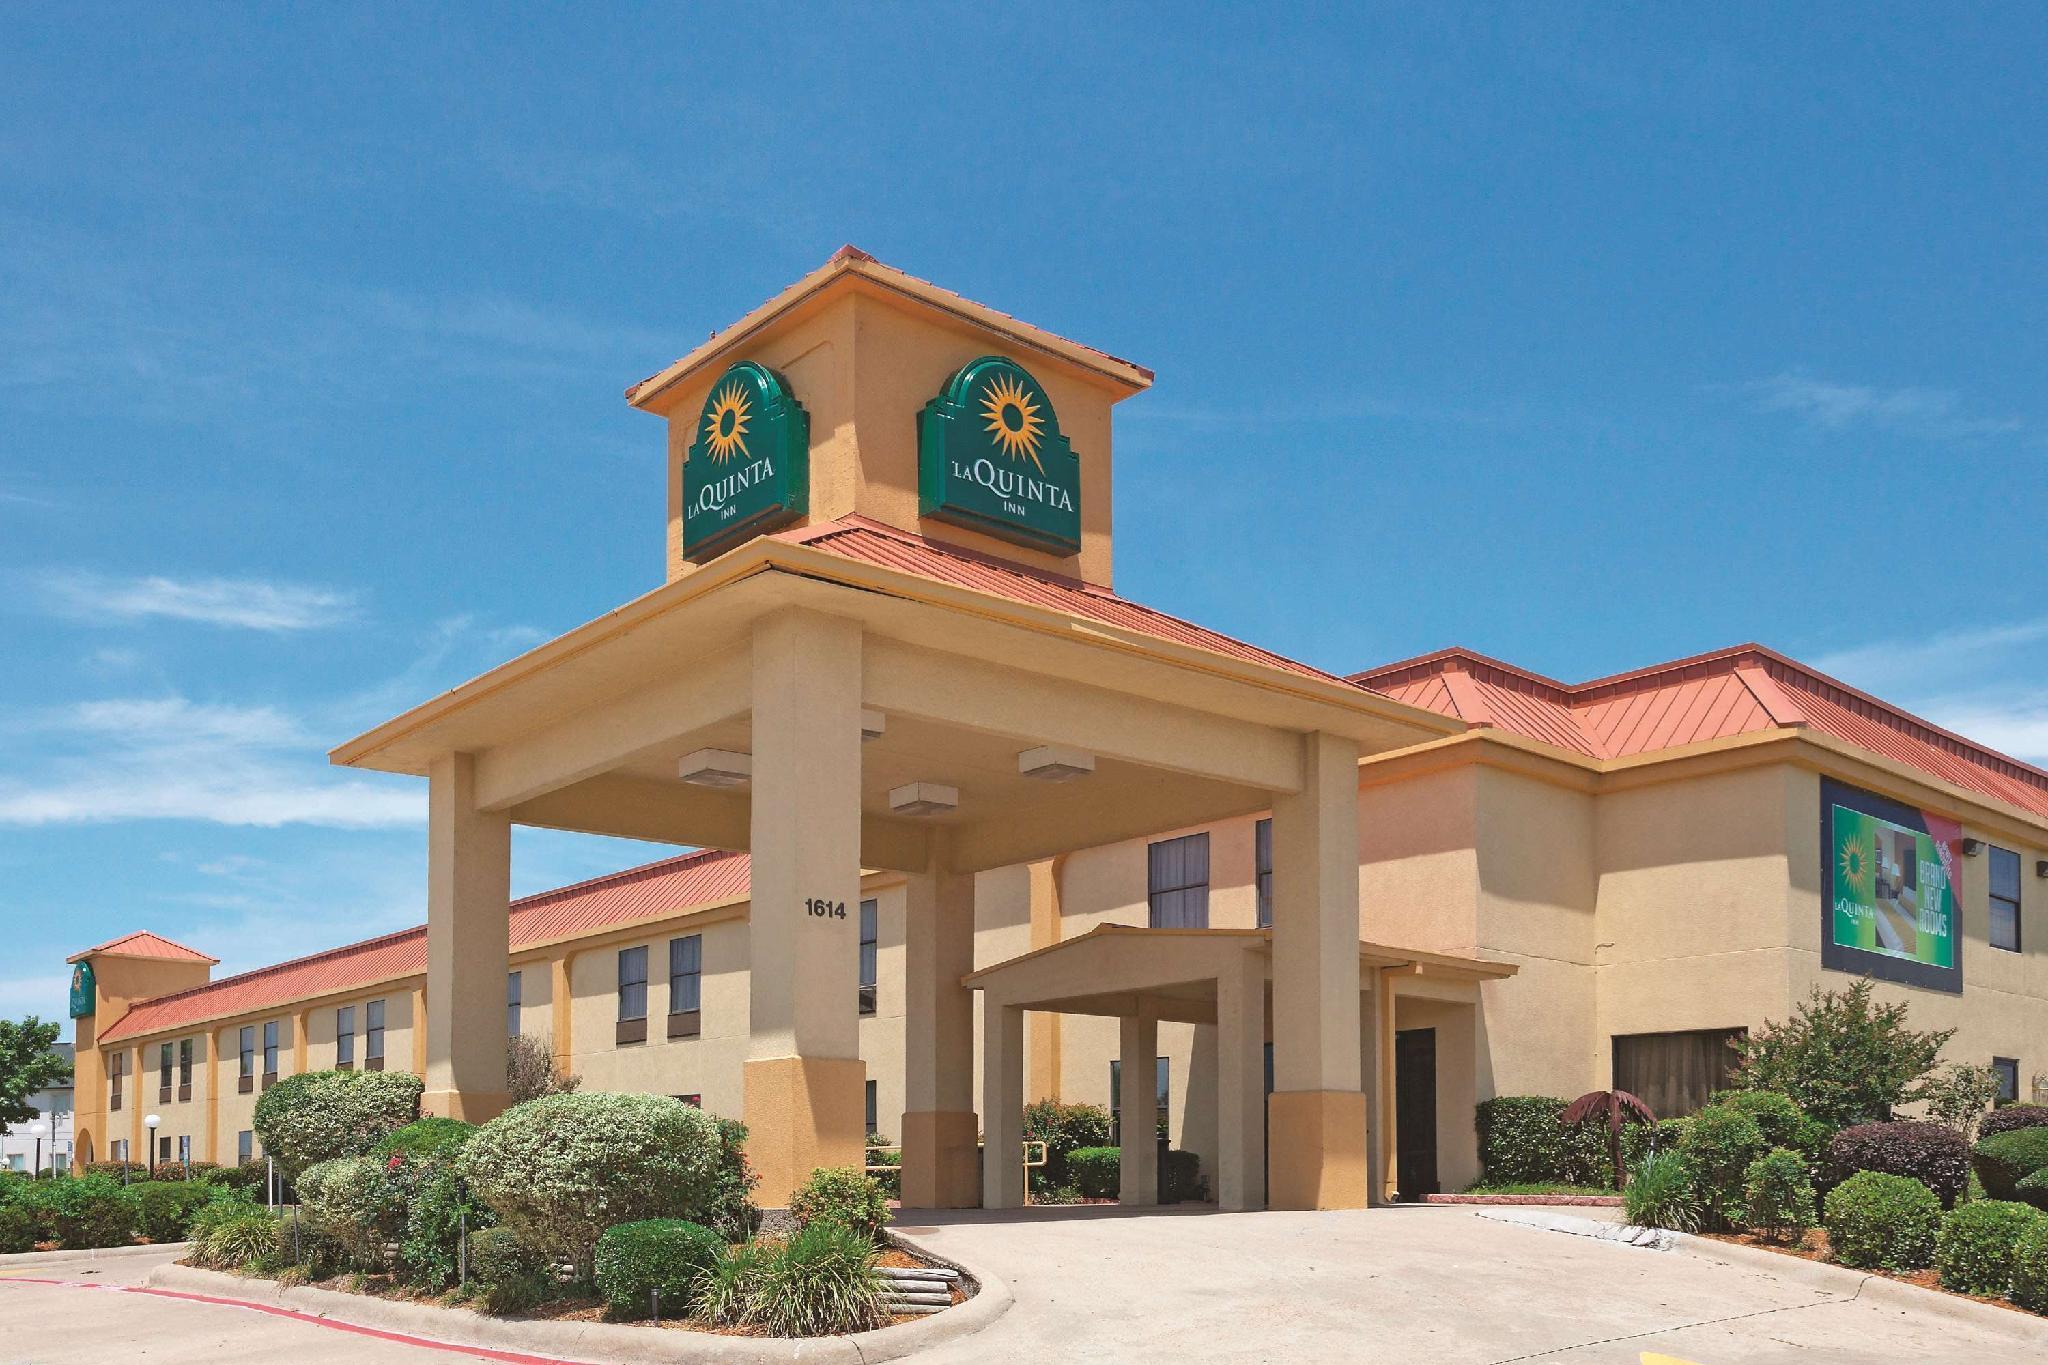 La Quinta Inn By Wyndham Terrell